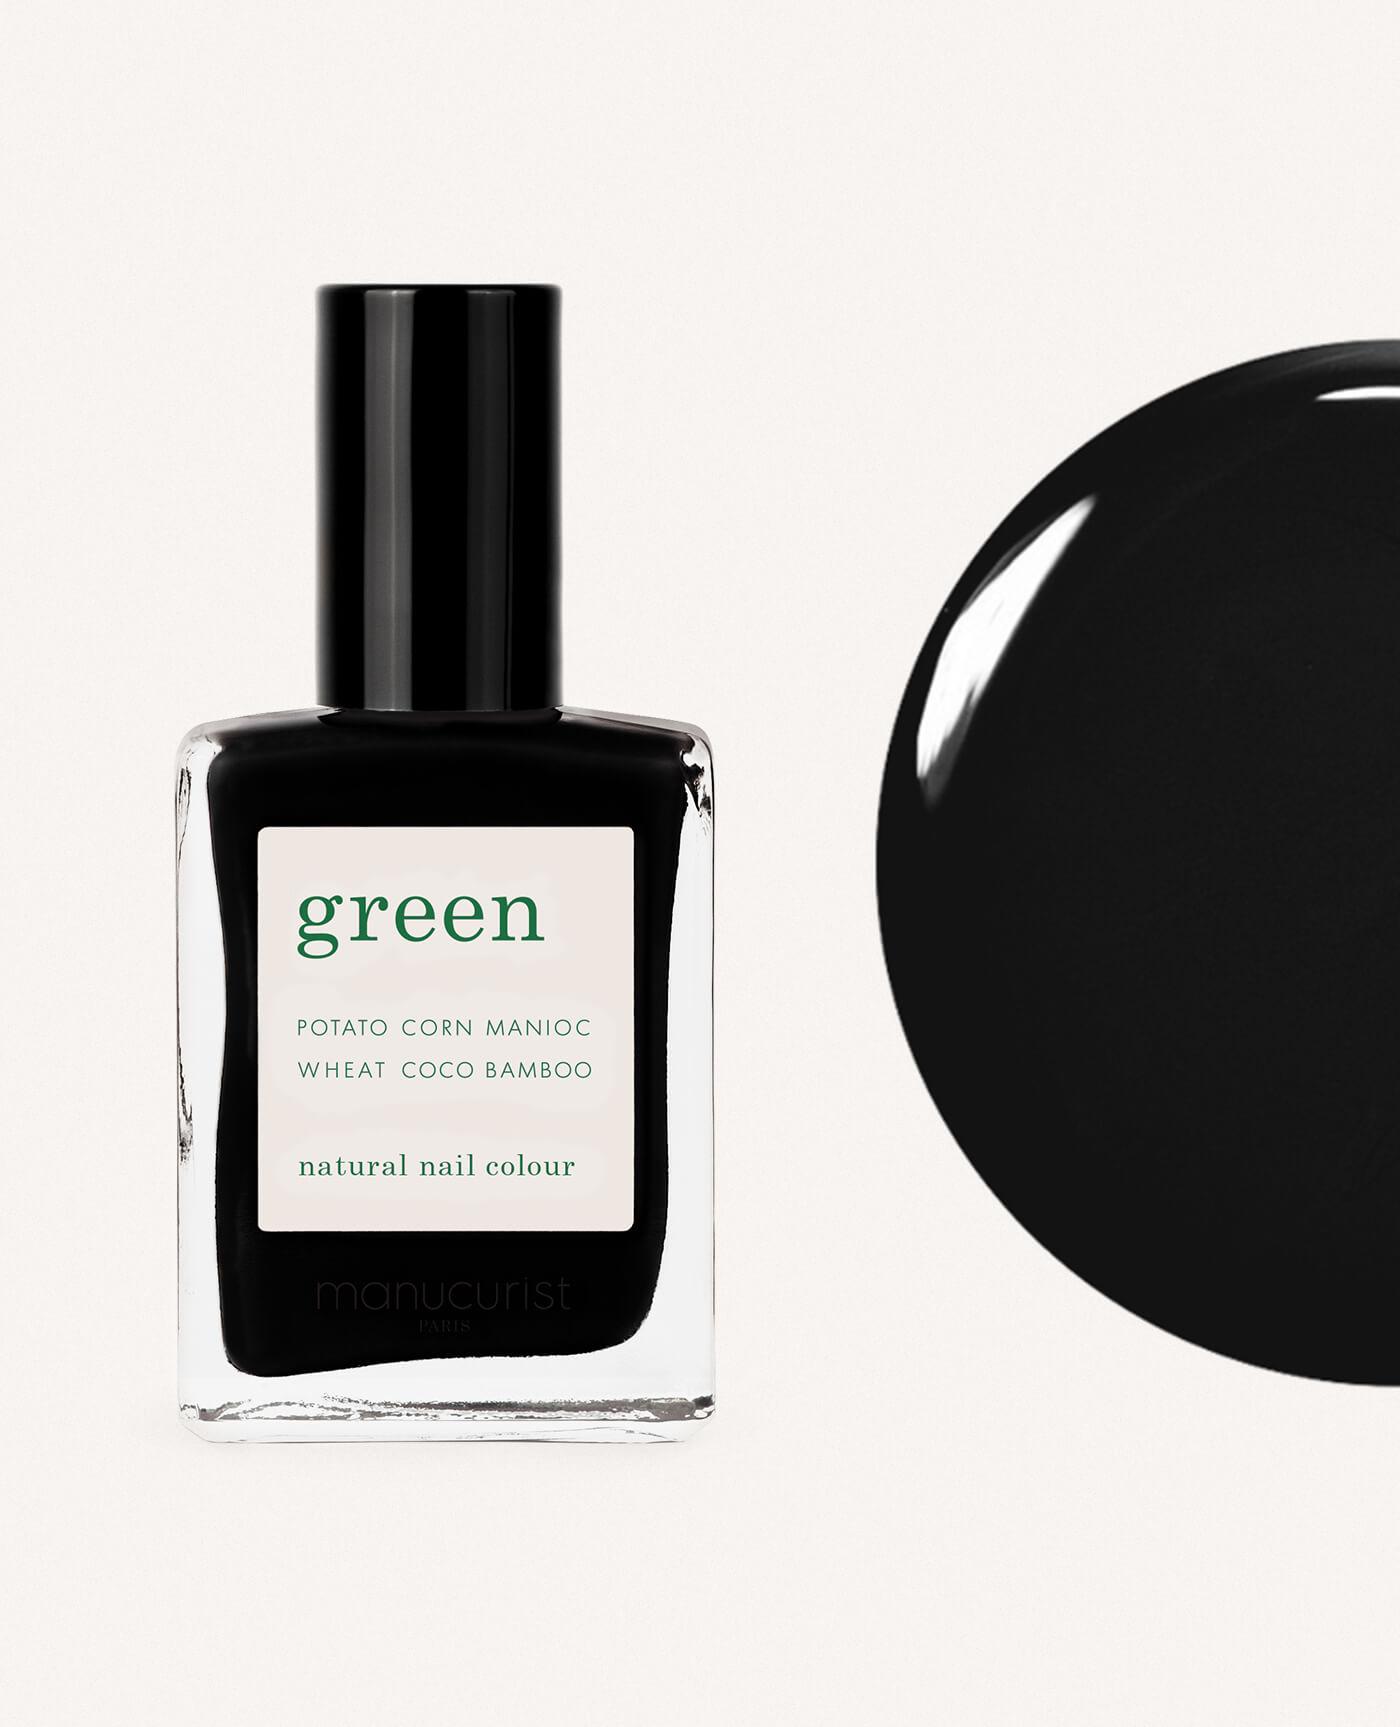 vernis à ongles bio green de la marque Manucurist made in france de couleur noir licorice